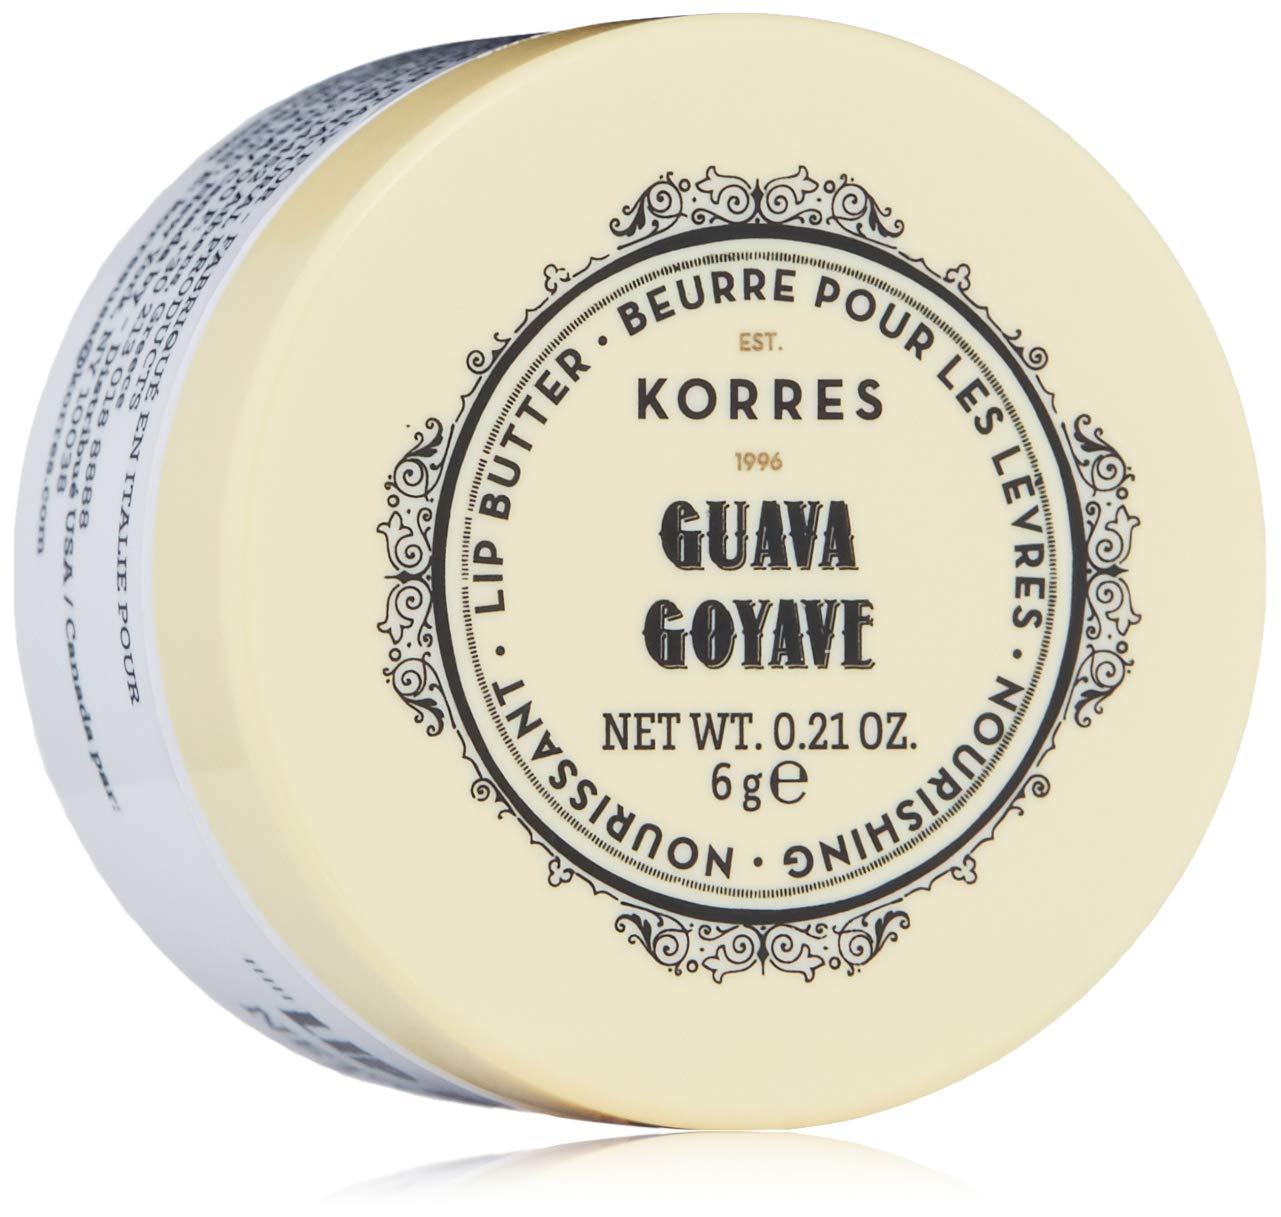 KORRES Guava Lip Butter, 0.21 Fl. Oz by KORRES